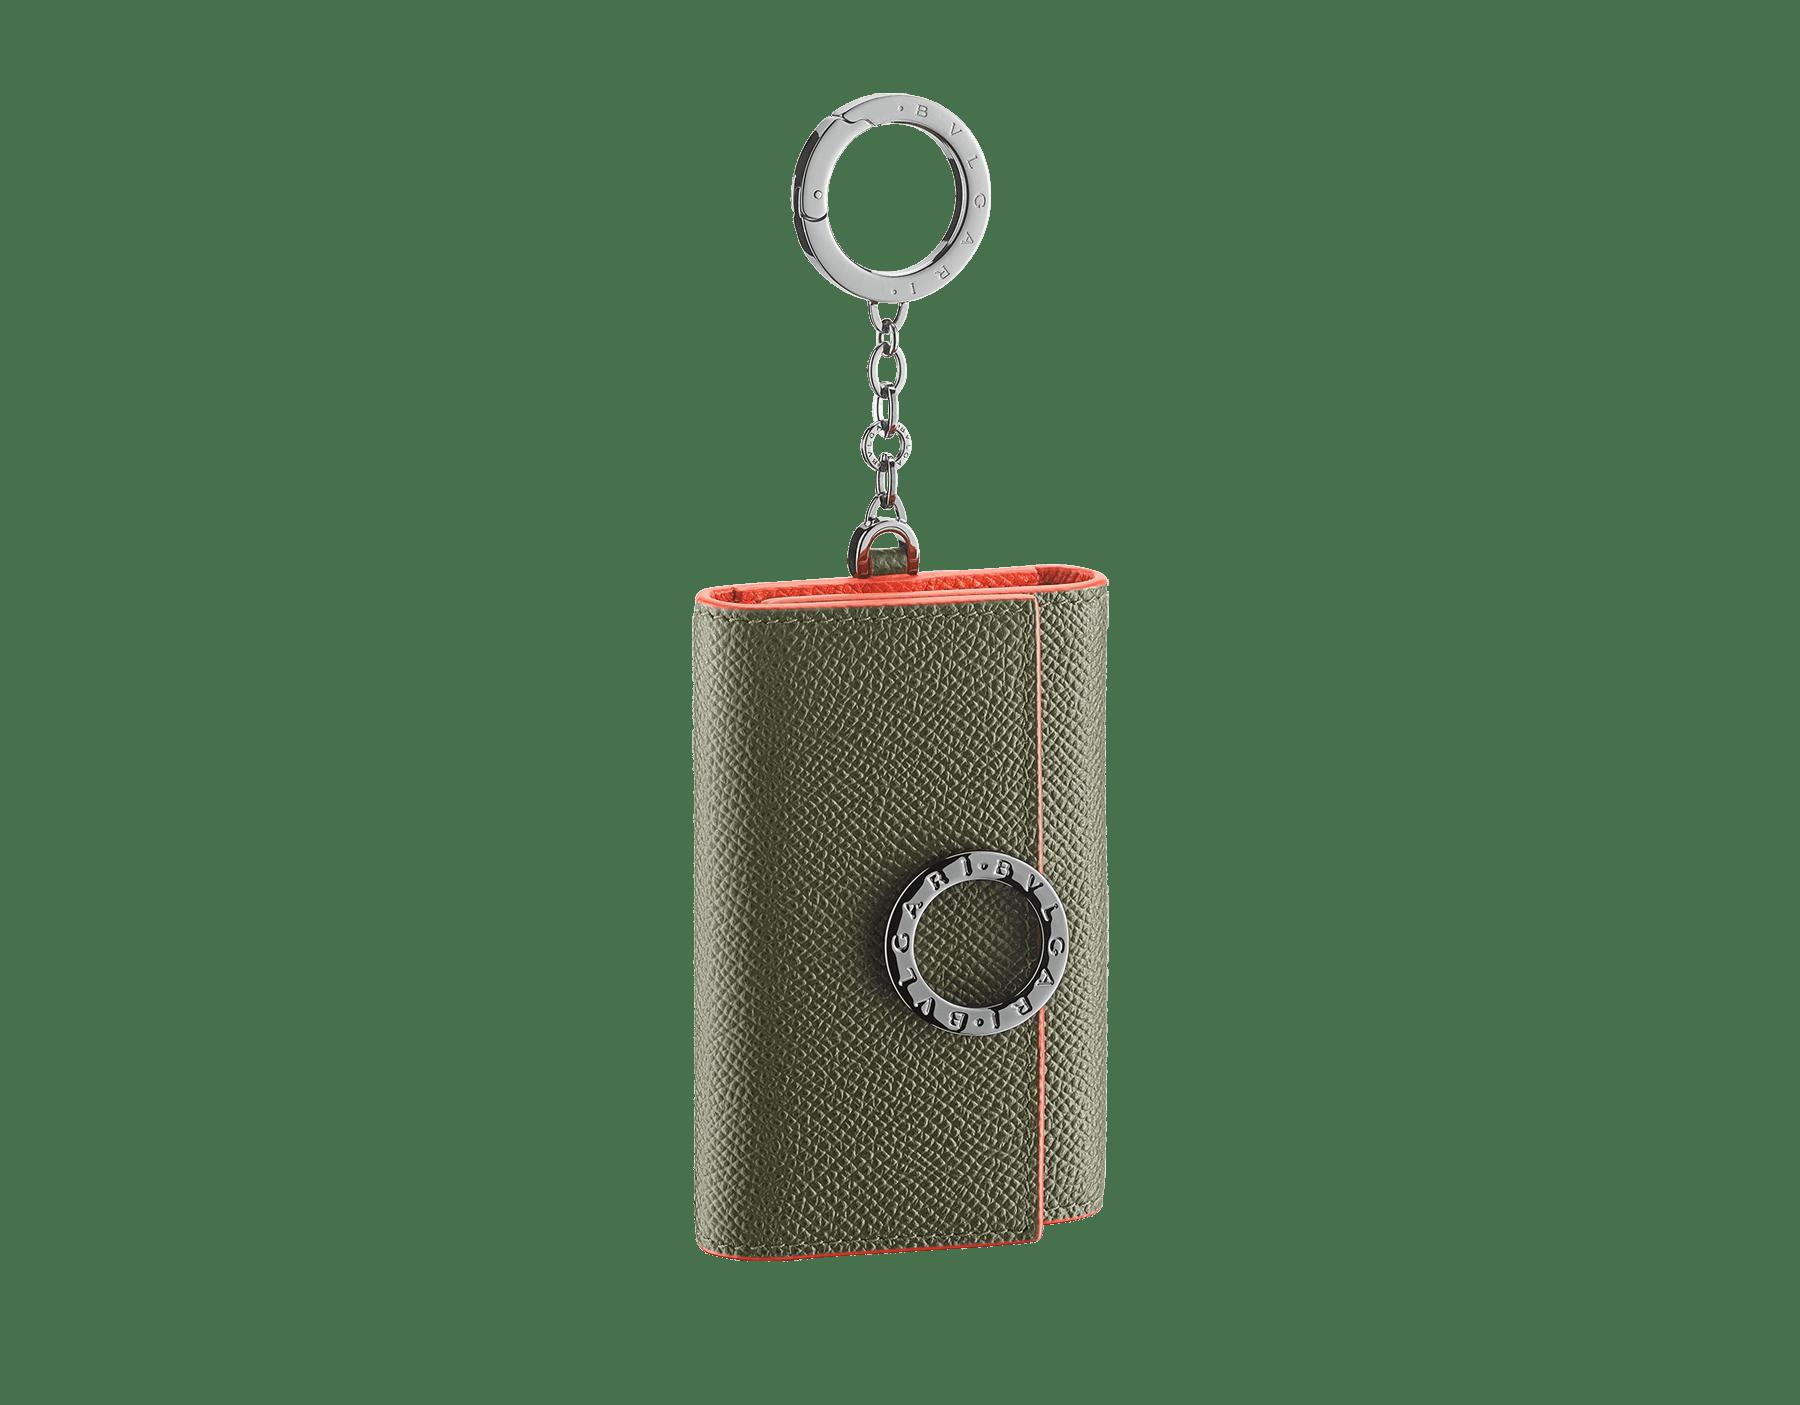 Porte-clés BVLGARI BVLGARI en cuir de veau grainé couleur Mimetic Jade et Fire Amber. Emblématique logo Bvlgari et mousqueton en laiton plaqué ruthénium. BCM-KEY-HOLD-CLASP image 1